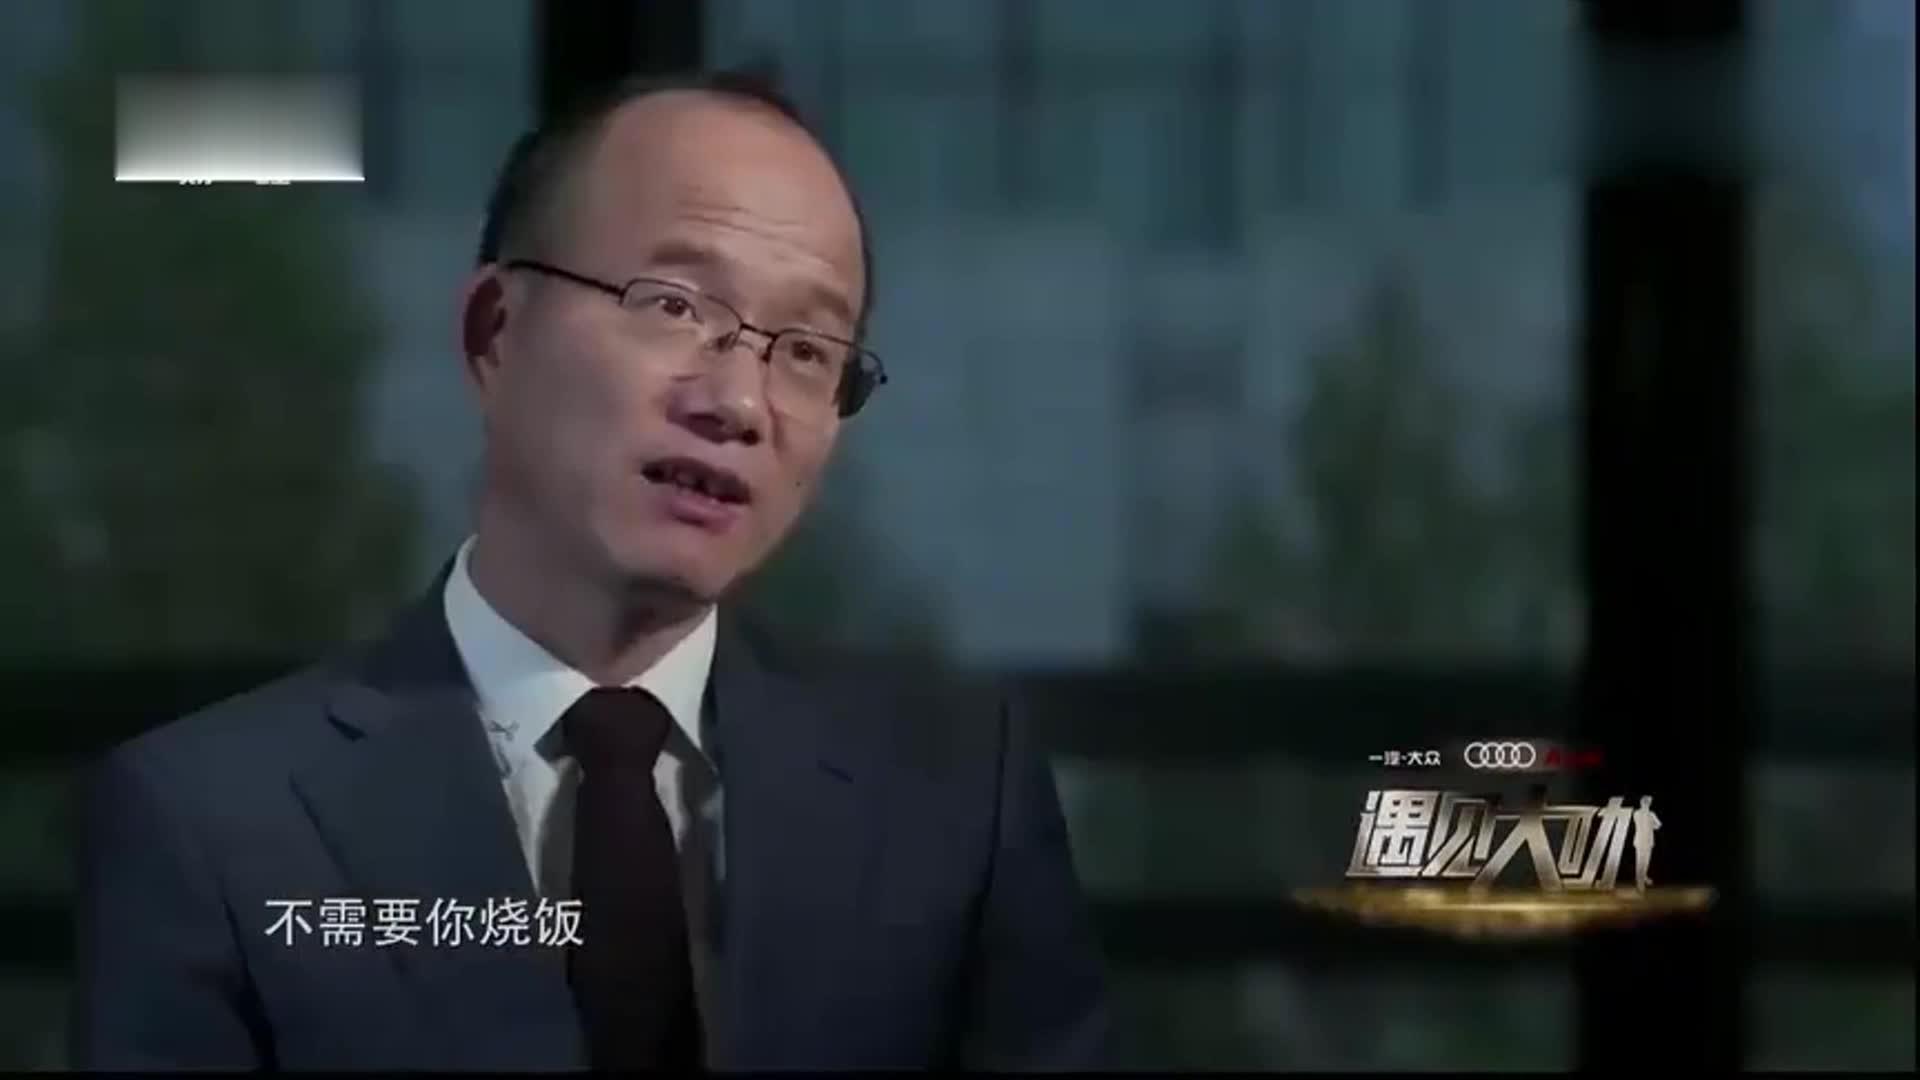 郭广昌姐姐为了我辍学现在我成了首富我要报答他们!